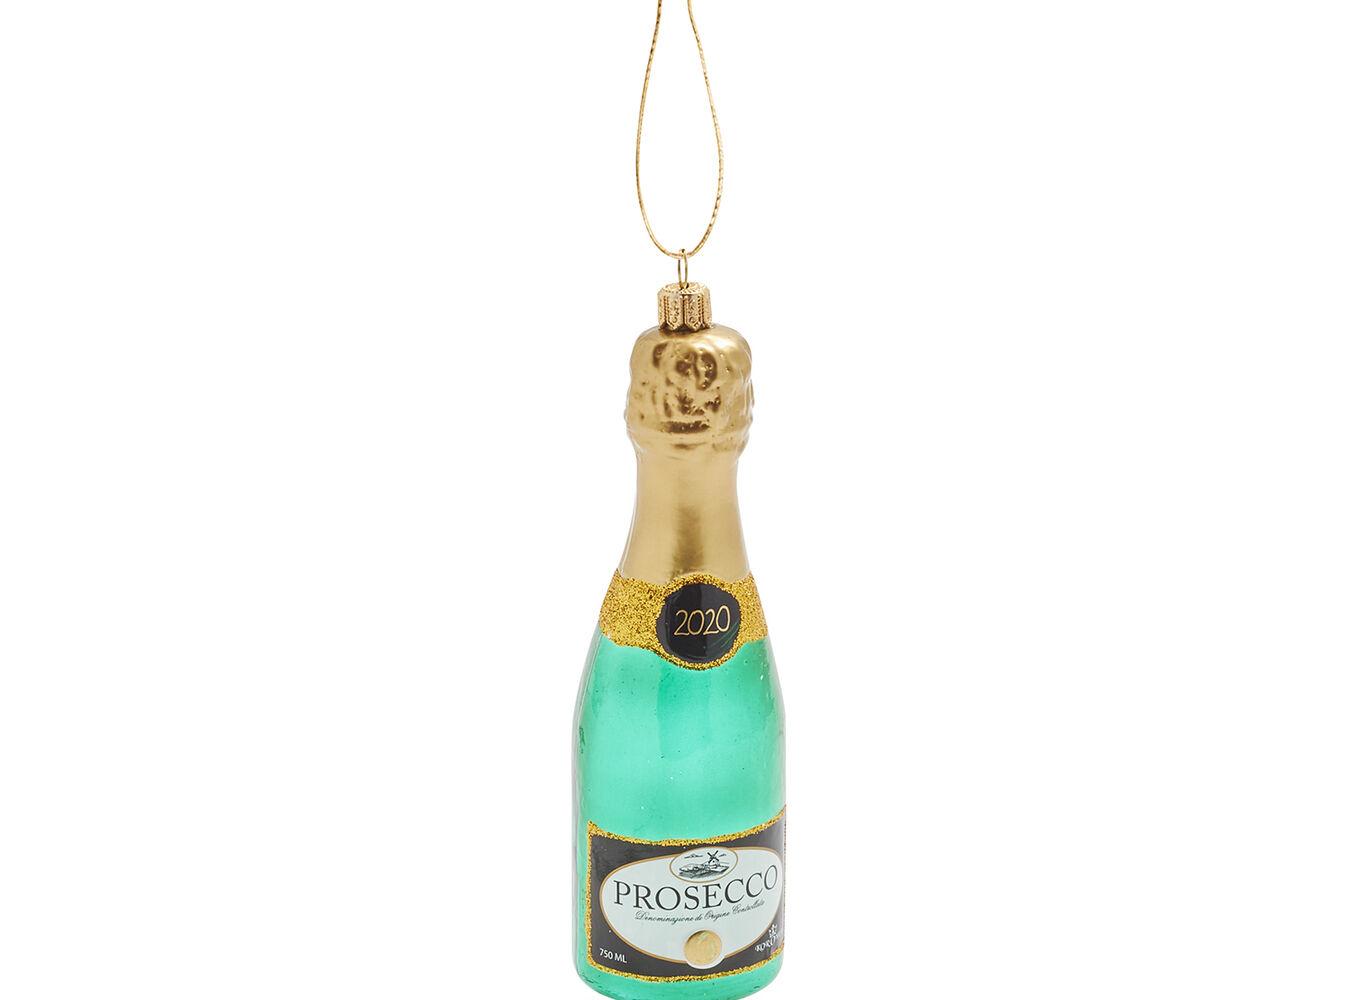 Prosecco Glass Ornament | Sur La Table